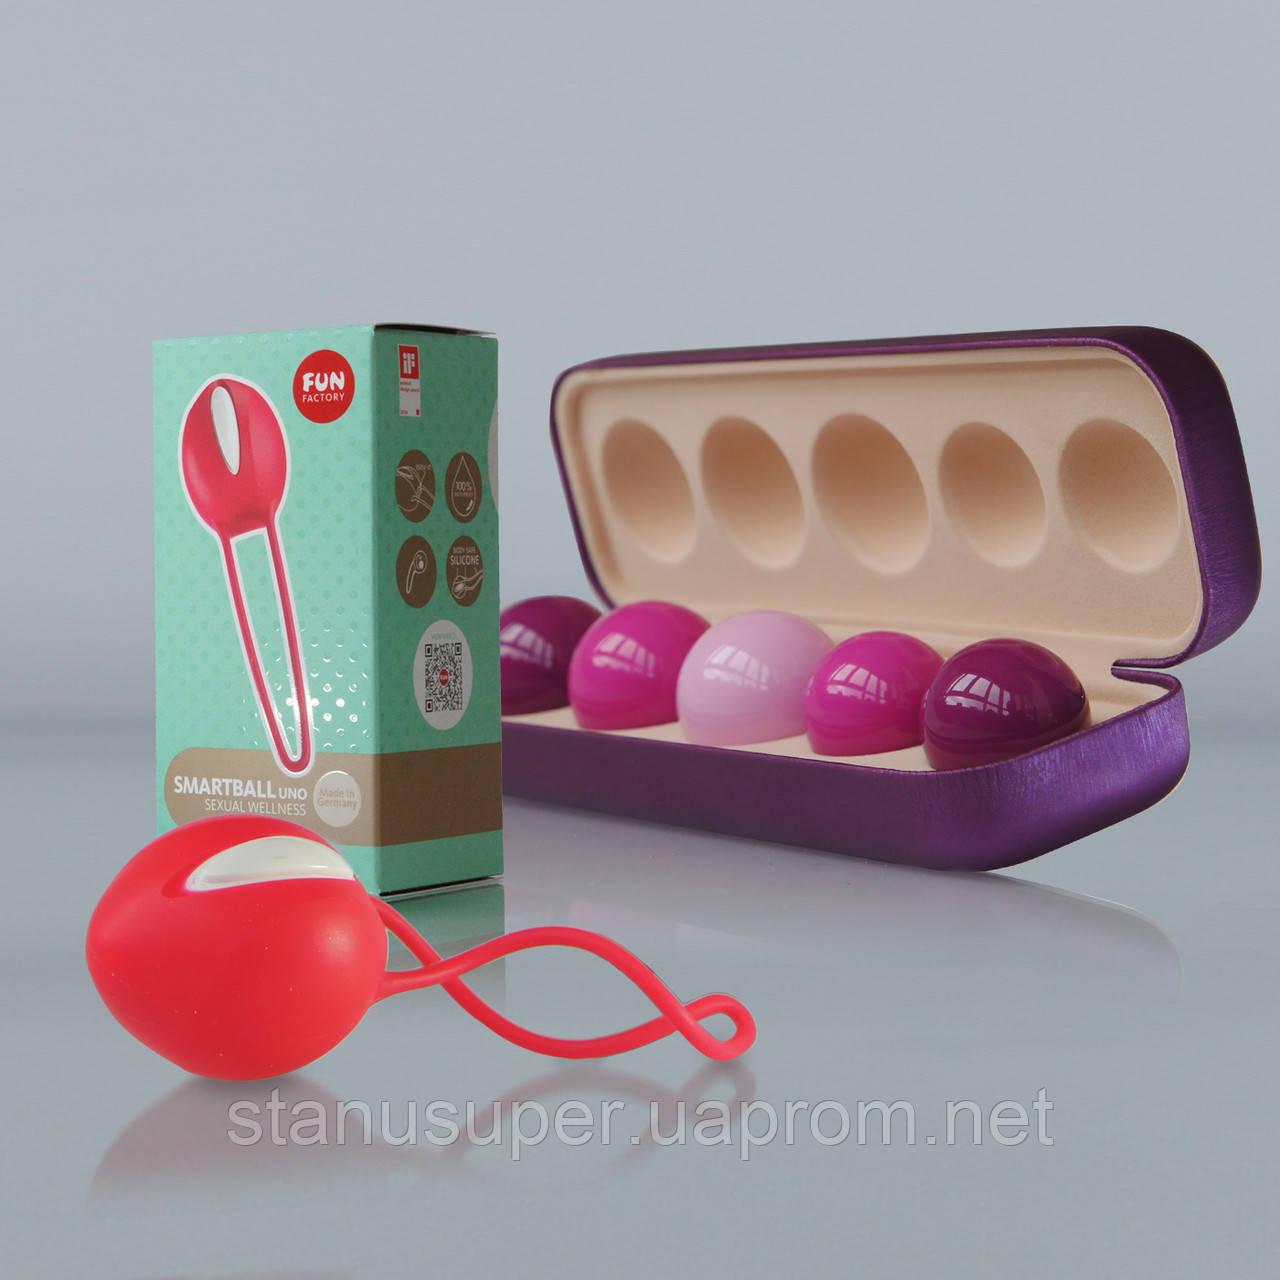 Набор для восстановления влагалища: Вагинальные шарики Vagiton Balls и SmartBall Uno (как грузовой).